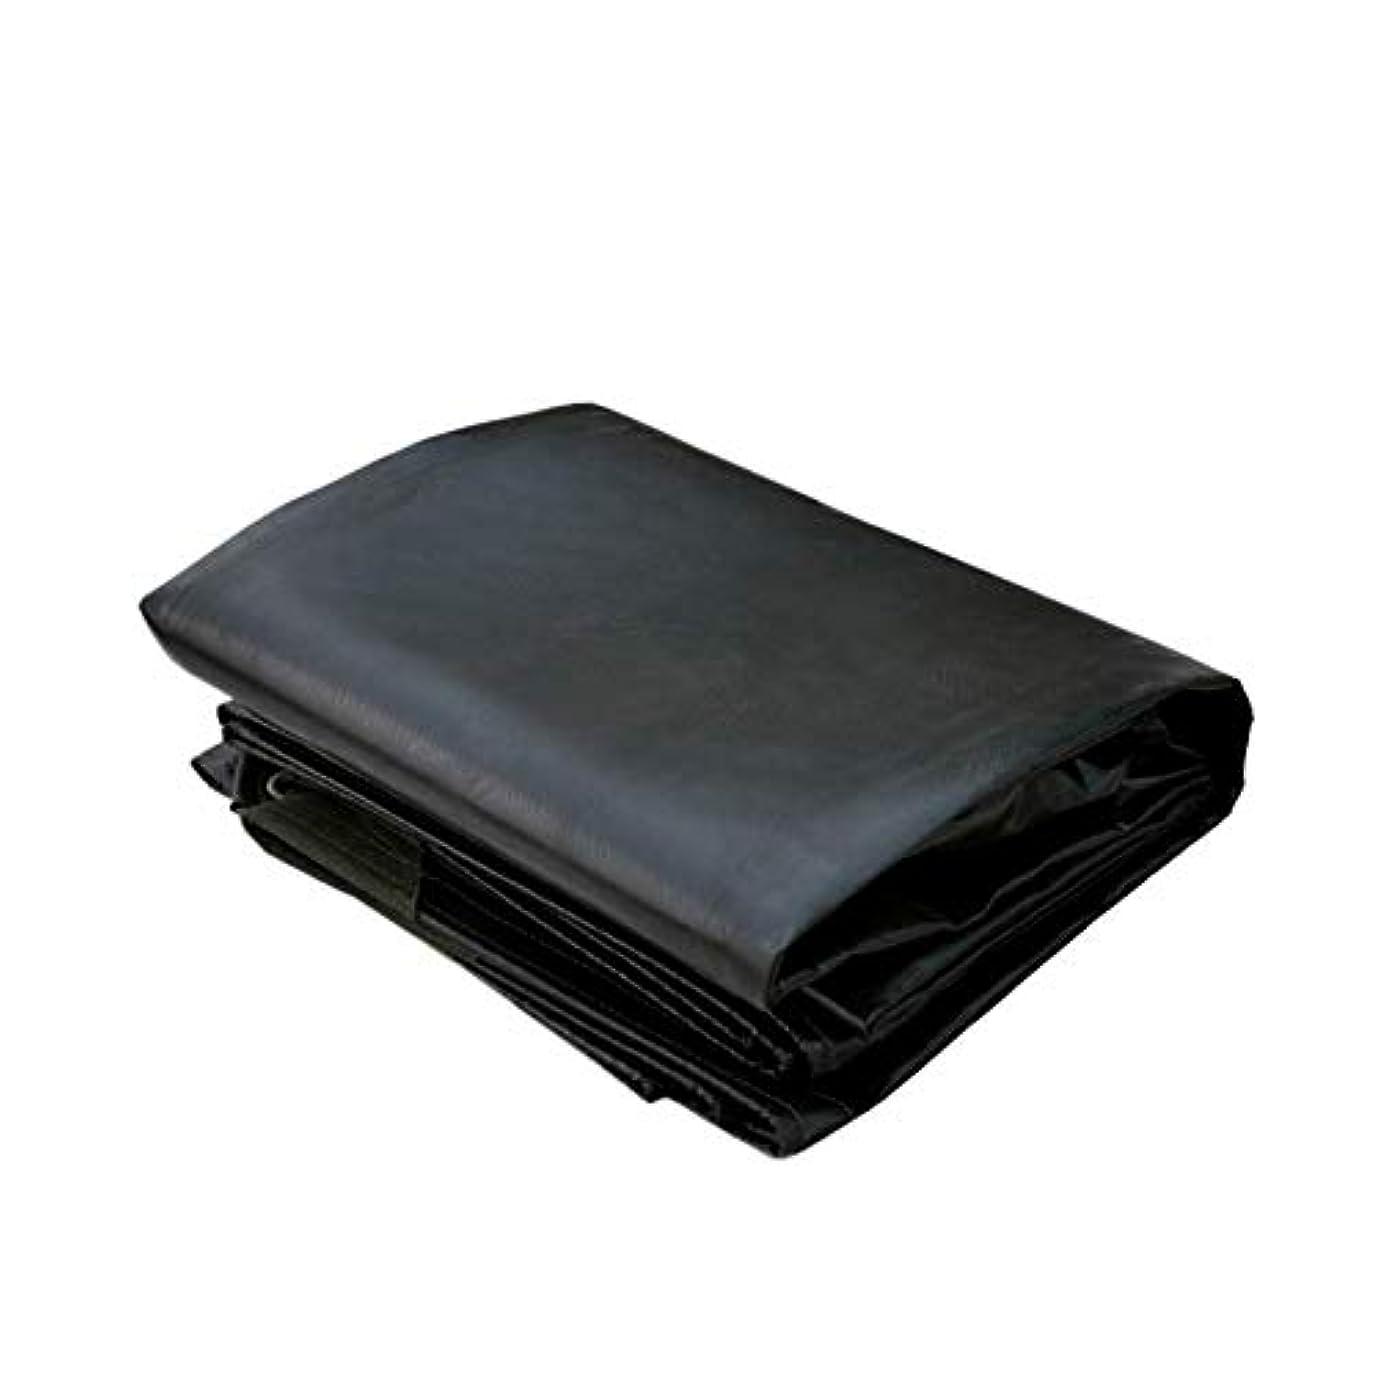 ジュースうめきウィスキー防水シート極度の防水、頑丈、強く、そして丈夫な、厚い防雨布、素晴らしいキャノピーテント、ボート、黒 FENGMIMG (色 : ブラック, サイズ さいず : 3x4M)